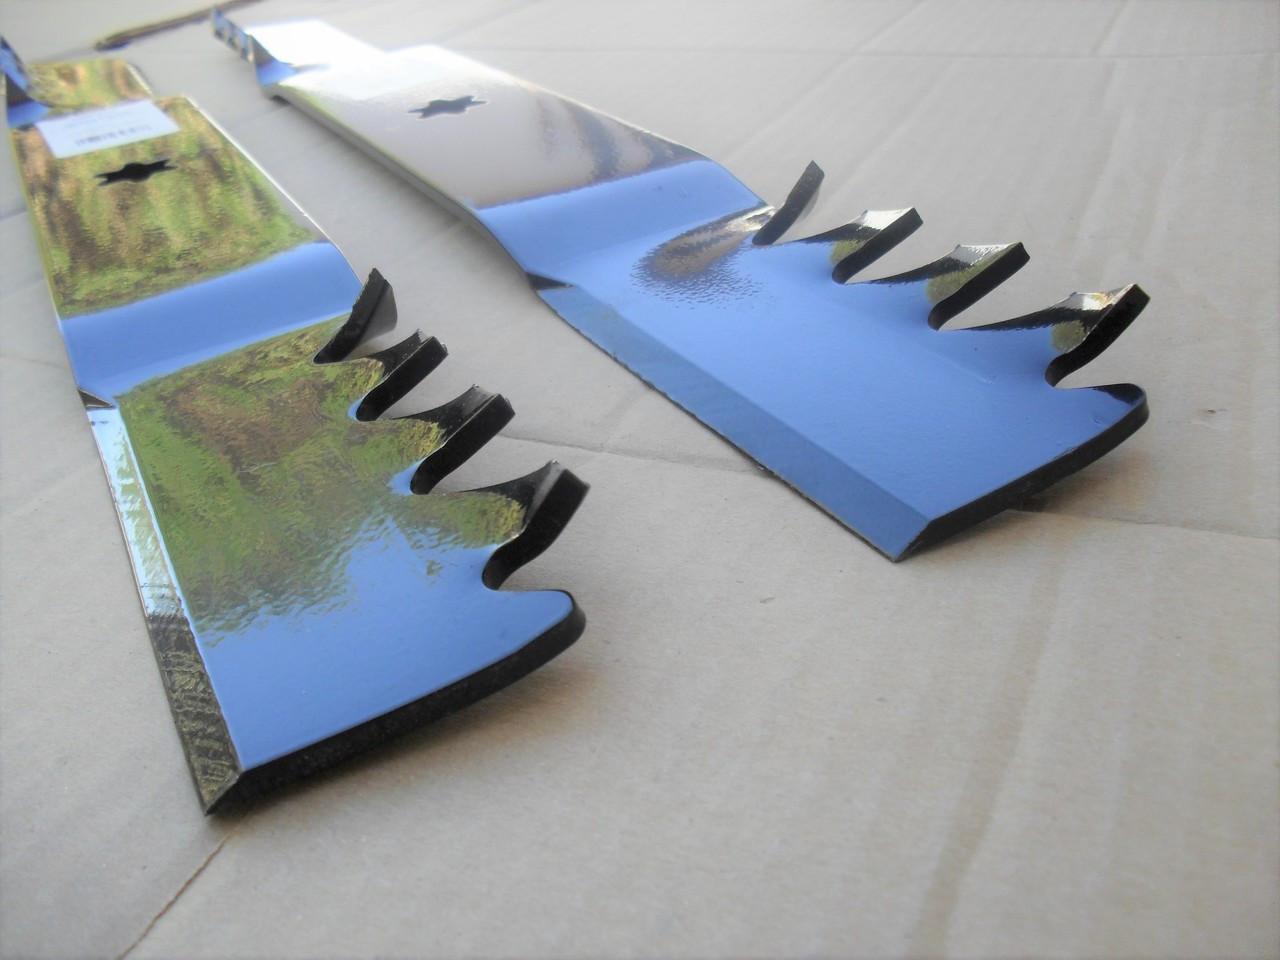 Mulching Blades for Toro LX420, LX423, LX425, LX426, LX427, 42